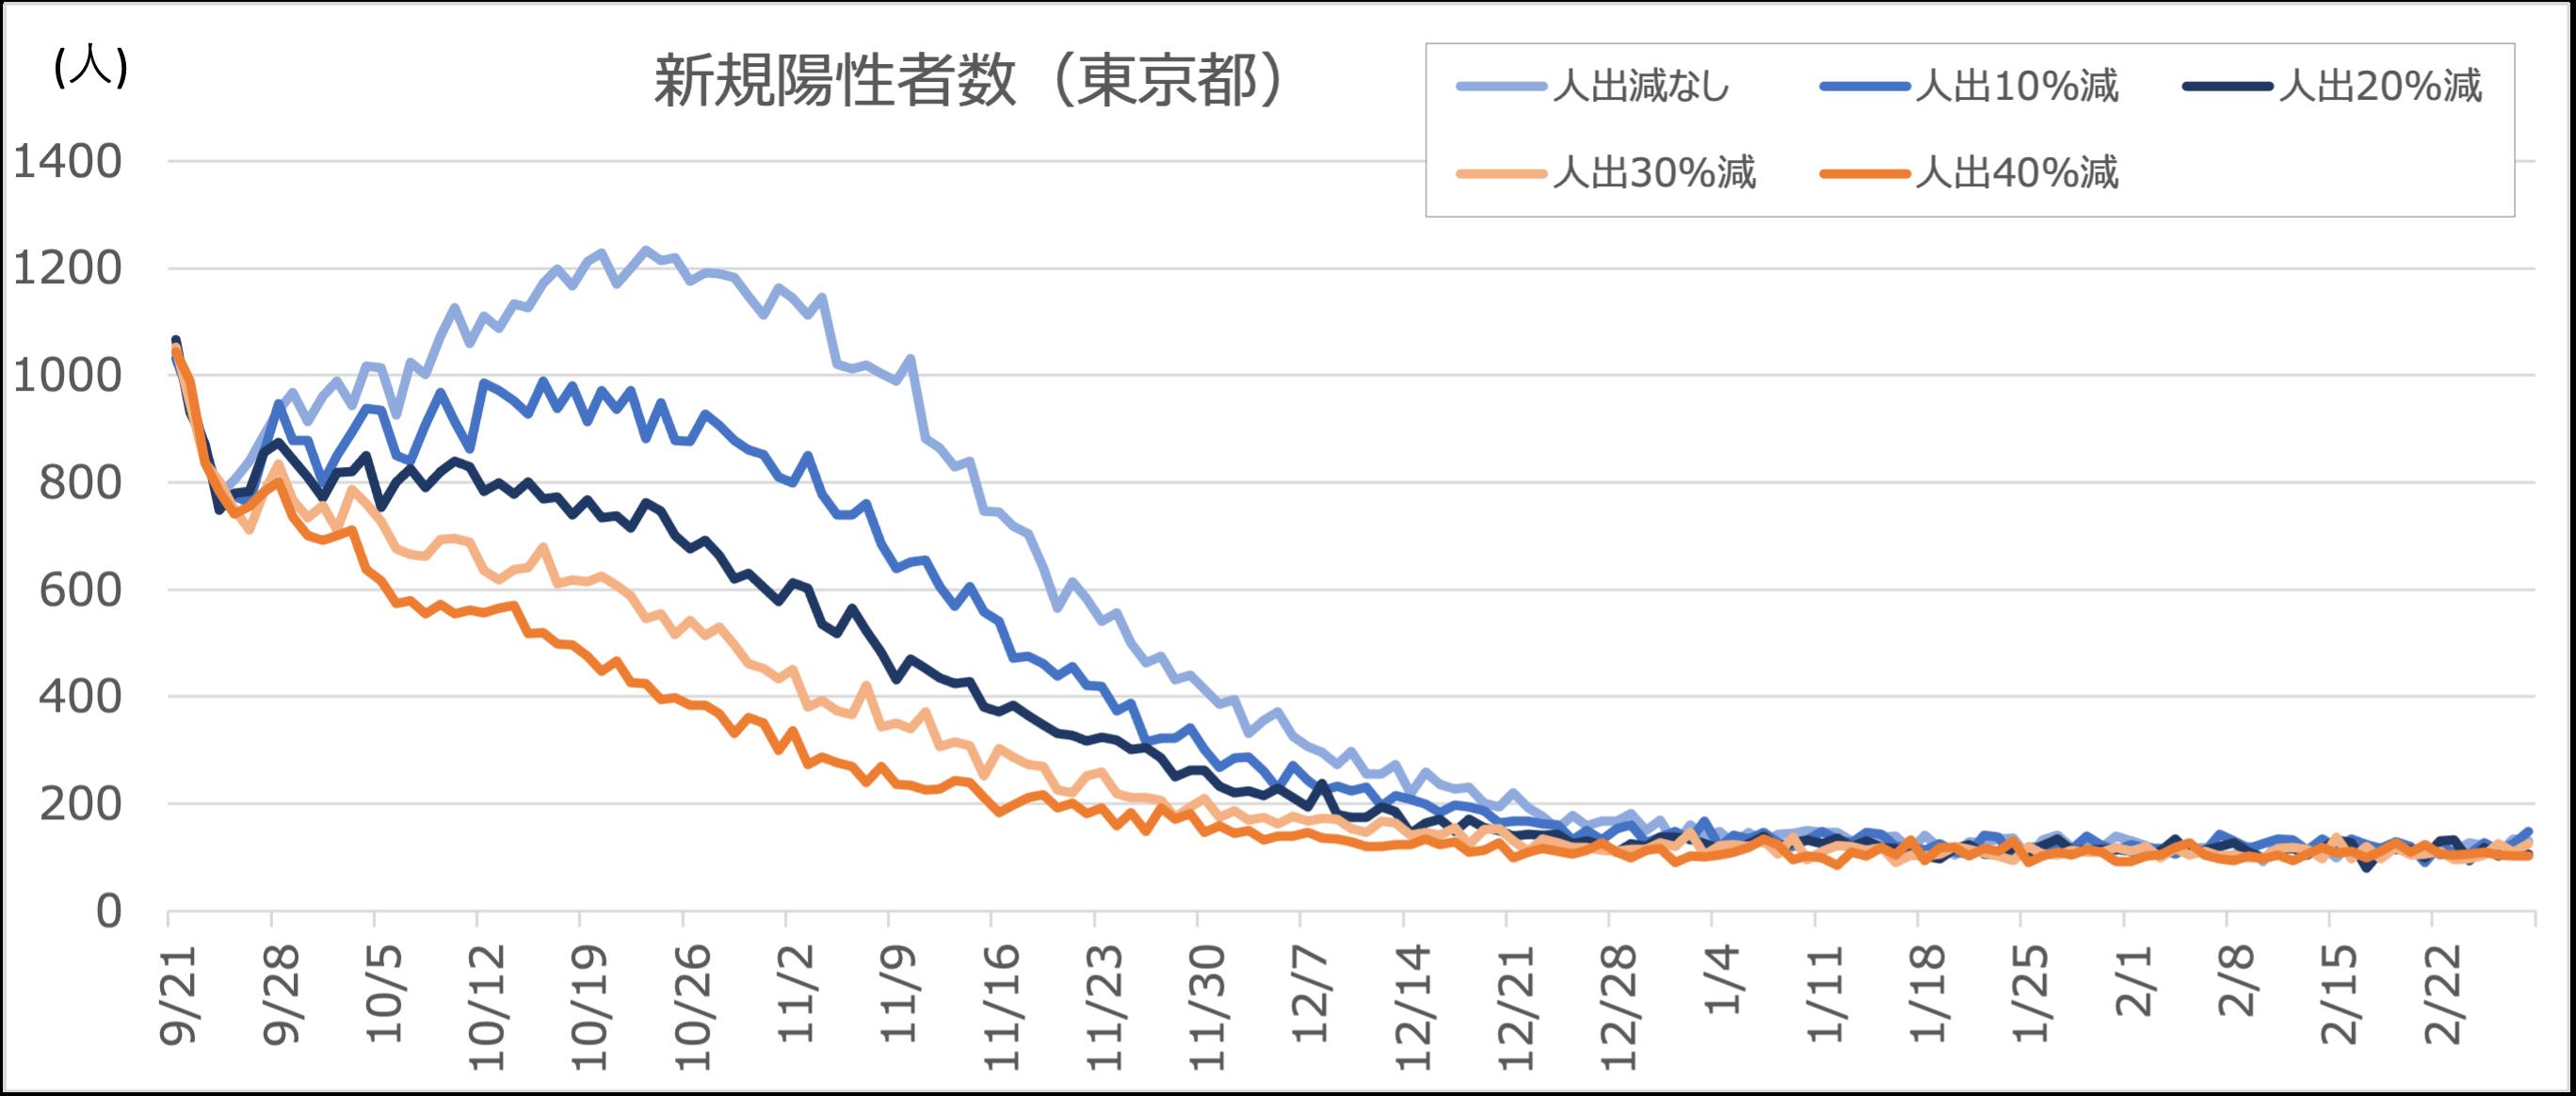 東京都 デルタ株90%  ワクチン 15万回/日